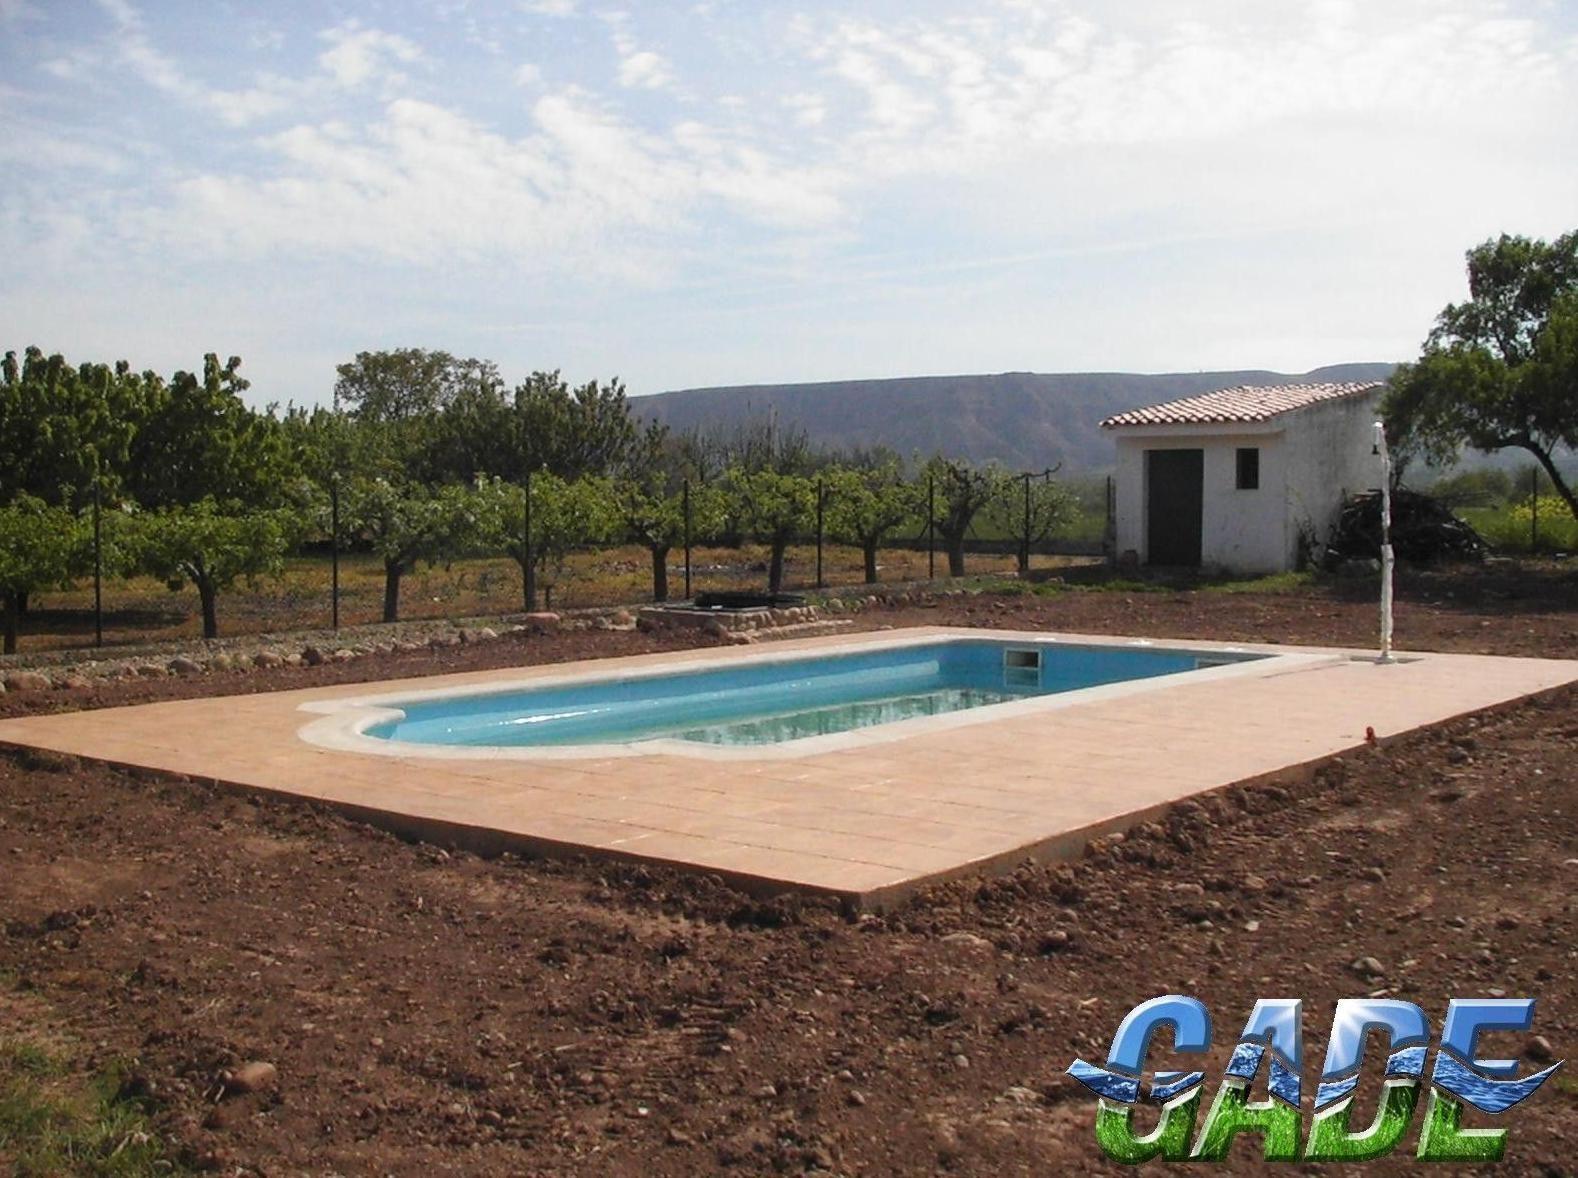 Piscinas prefabricadas en la rioja de calidad gade piscinas y jardines - Piscinas y jardines ...